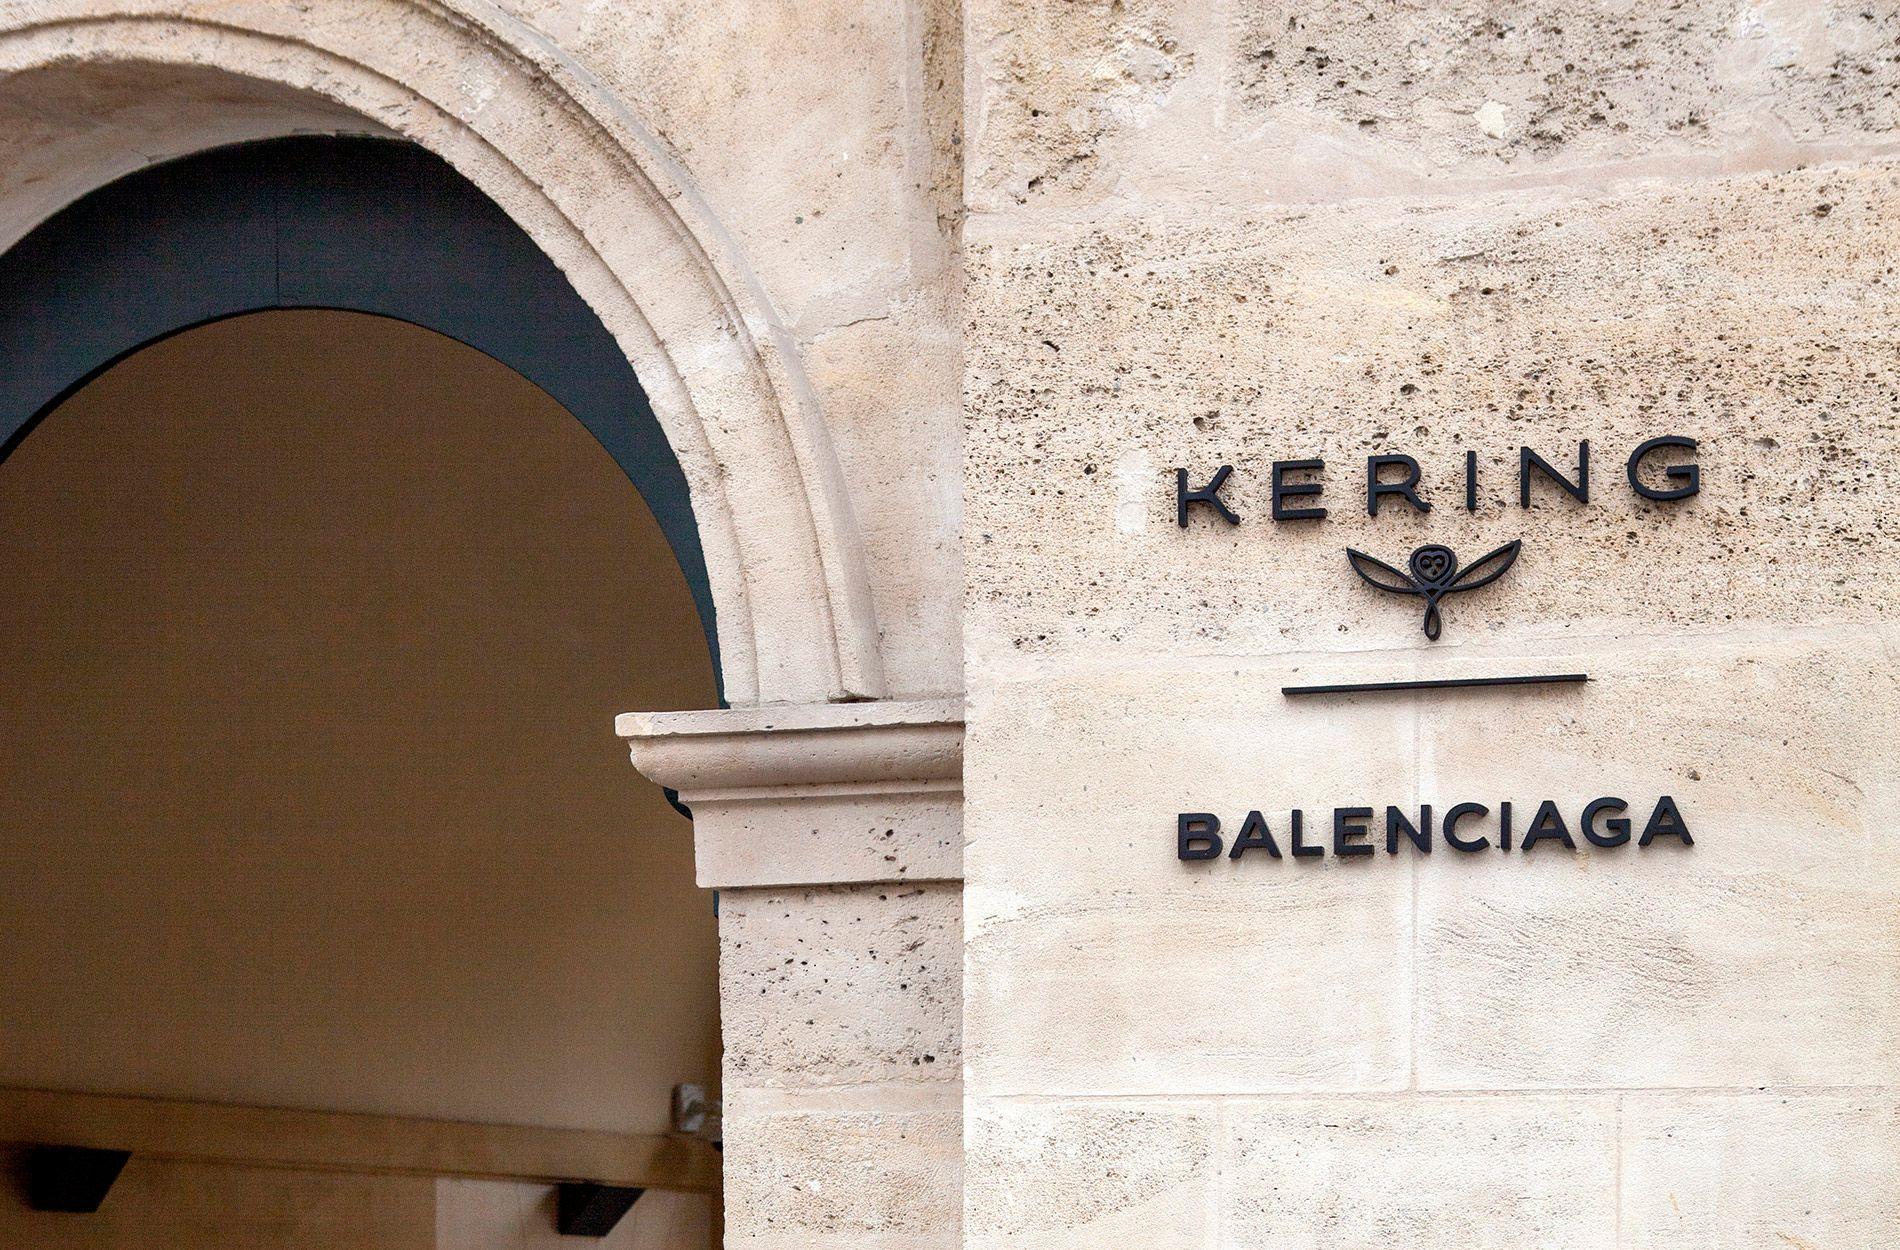 tin thời trang cổng tập đoàn kering balenciaga tại paris